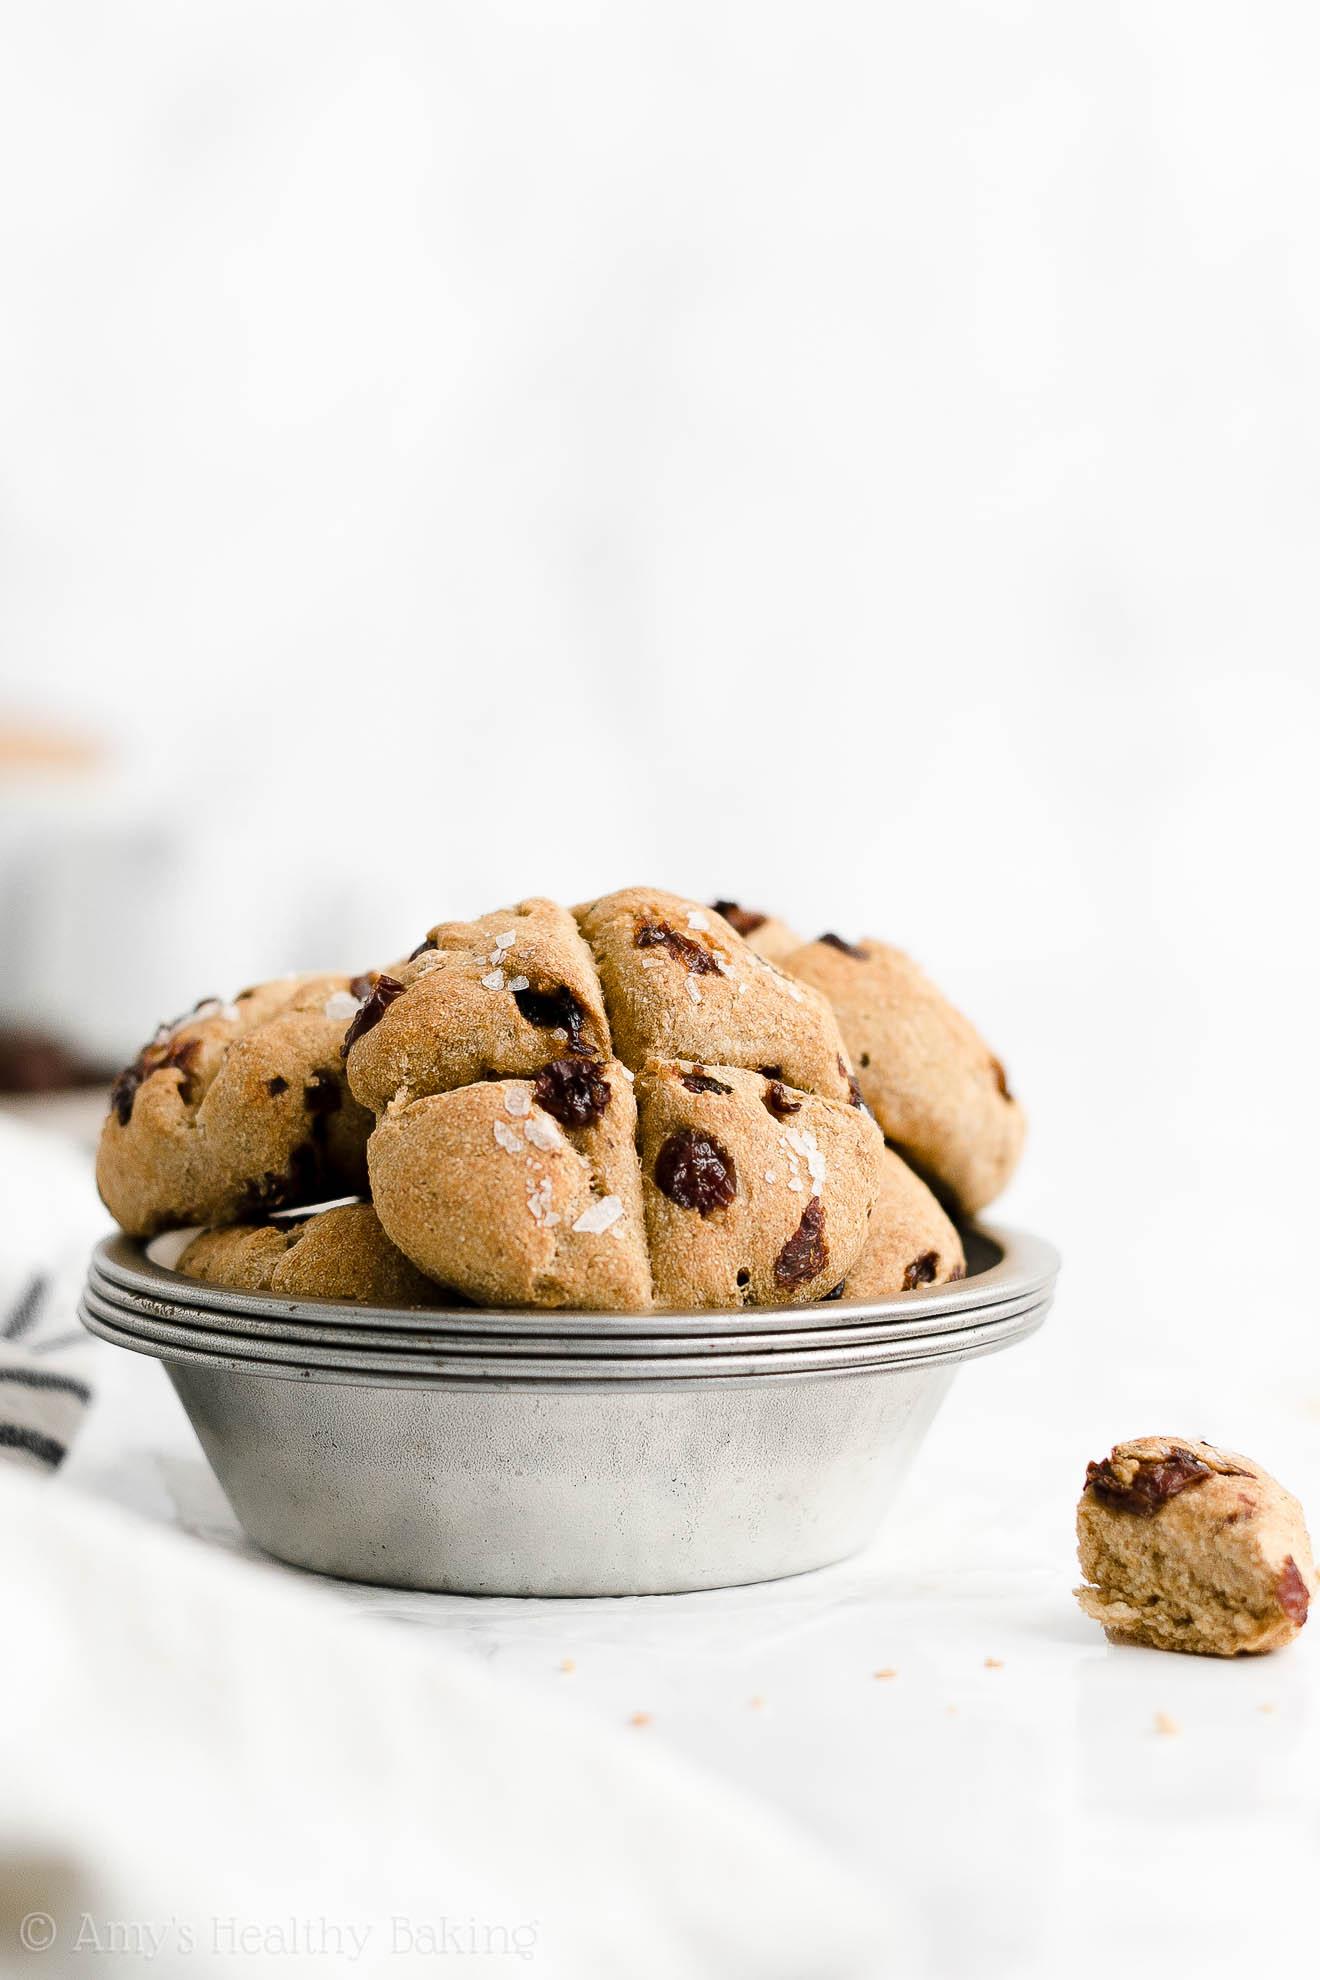 Quick Easy Healthy Clean Eating No Buttermilk Raisin Irish Soda Bread Scones